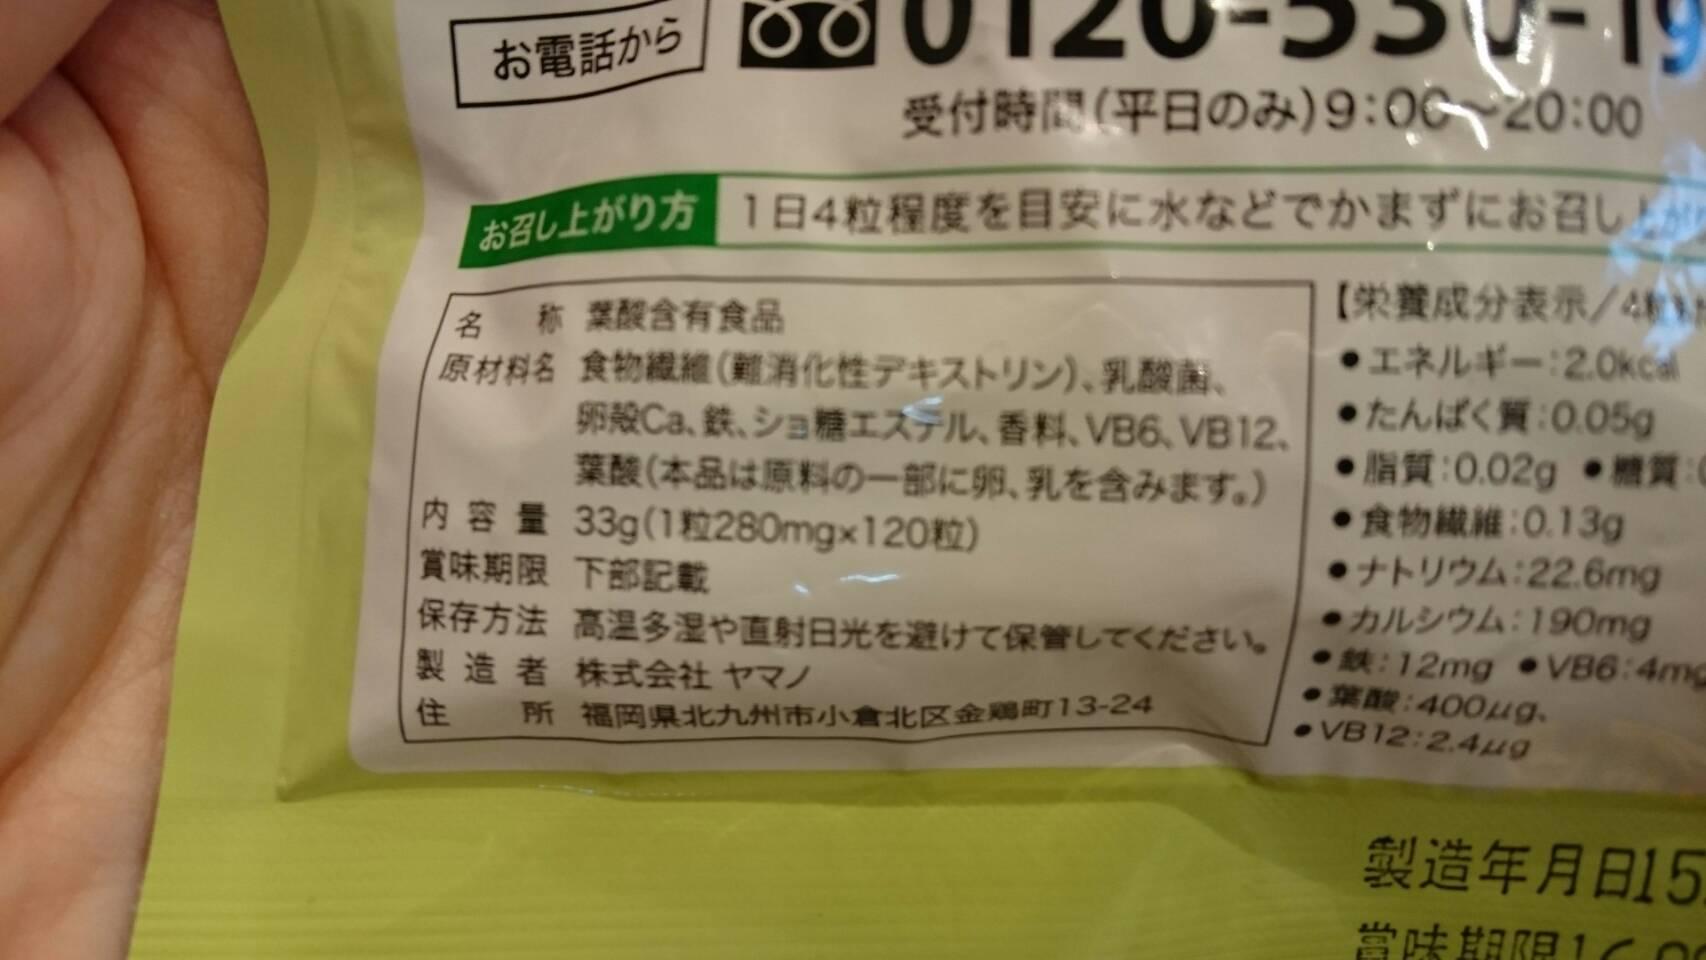 ヤマノ葉酸サプリの原材料